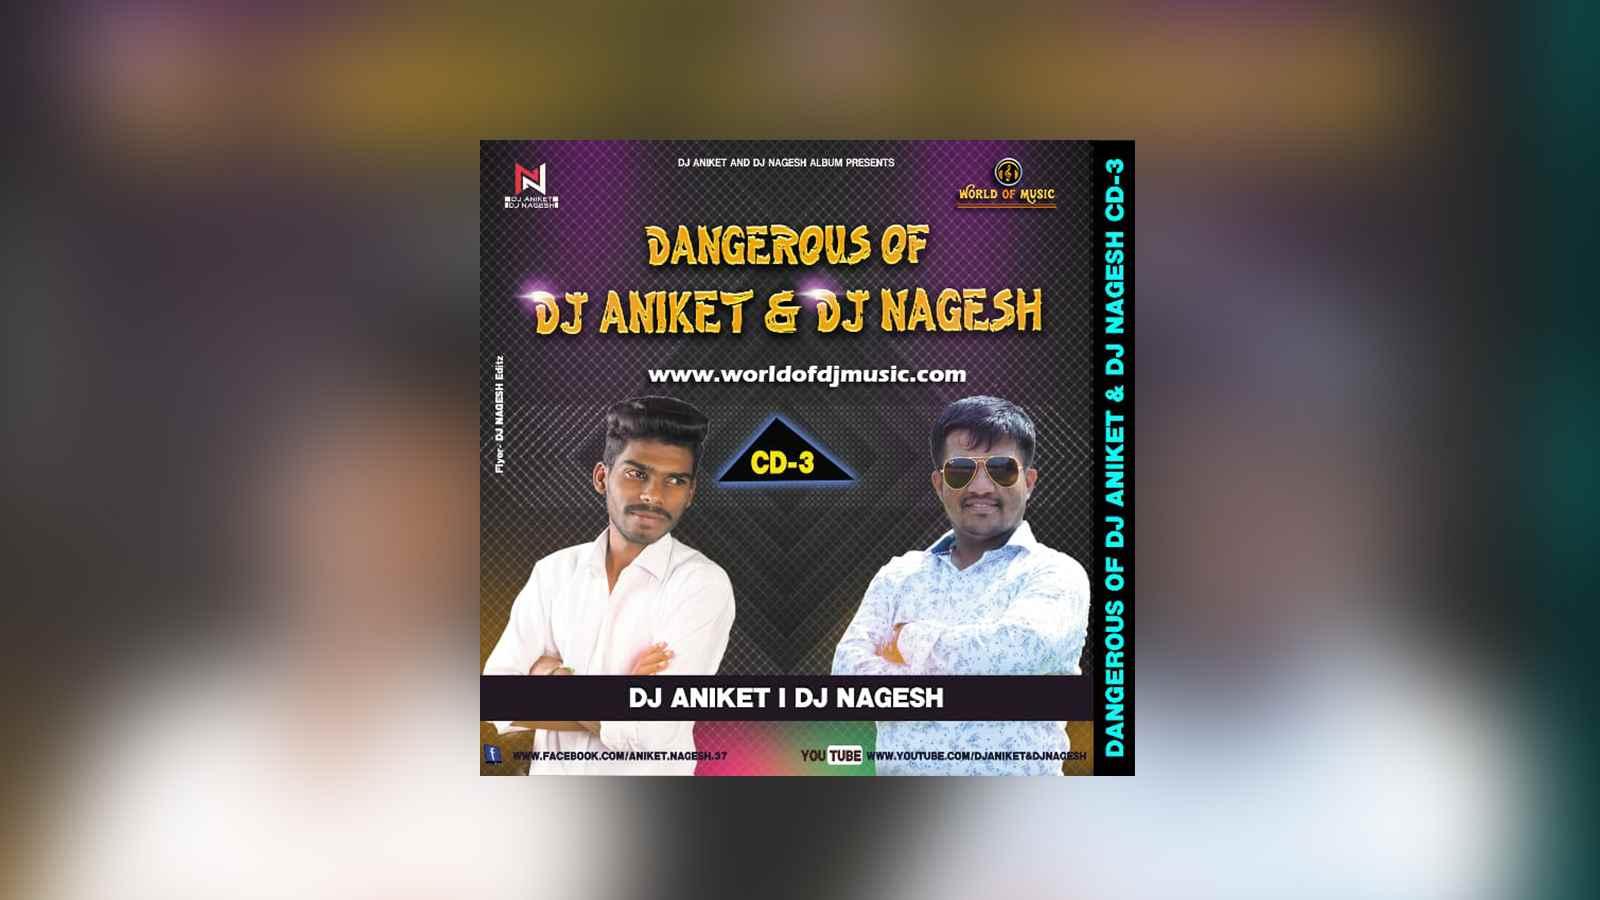 Yahan Ke Hum Sikandar (Pravite Mix) - Dj Aniket & Nagesh